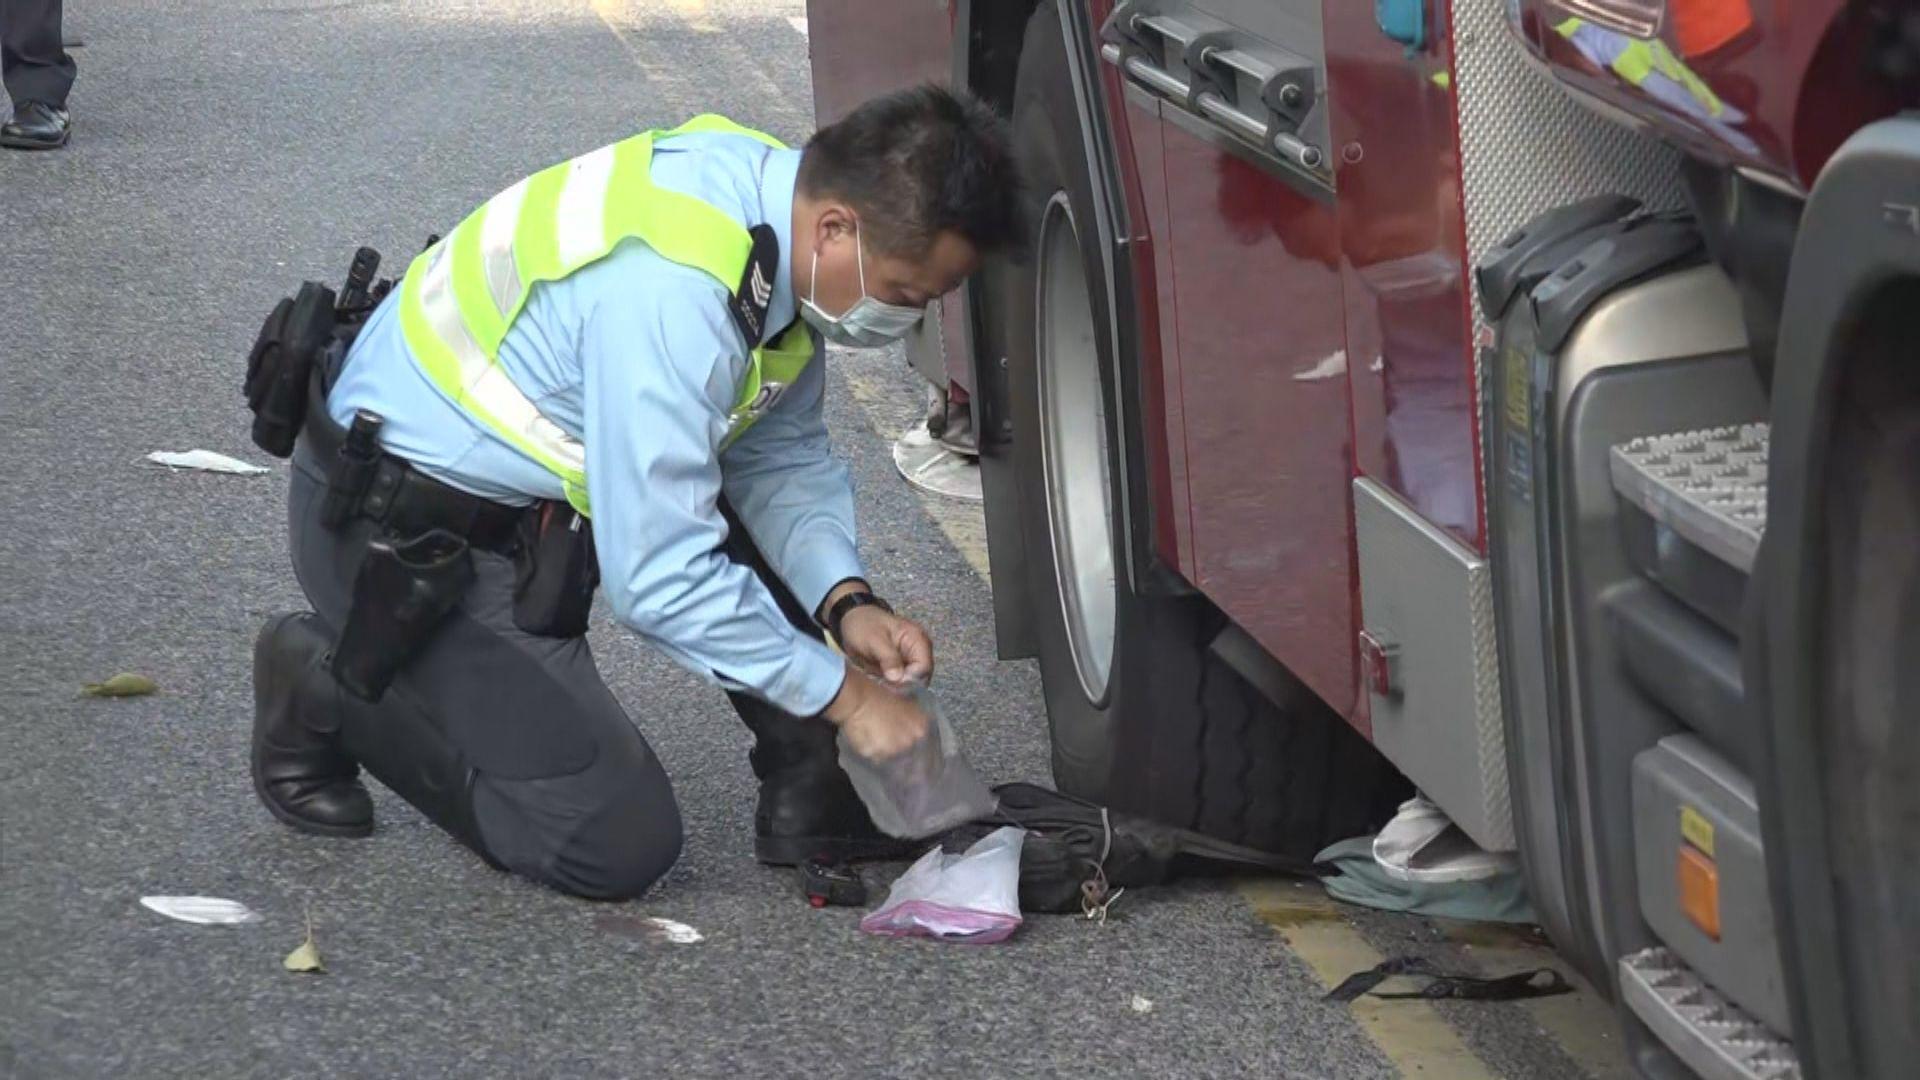 西貢消防車交通意外 司機報稱突然頭暈